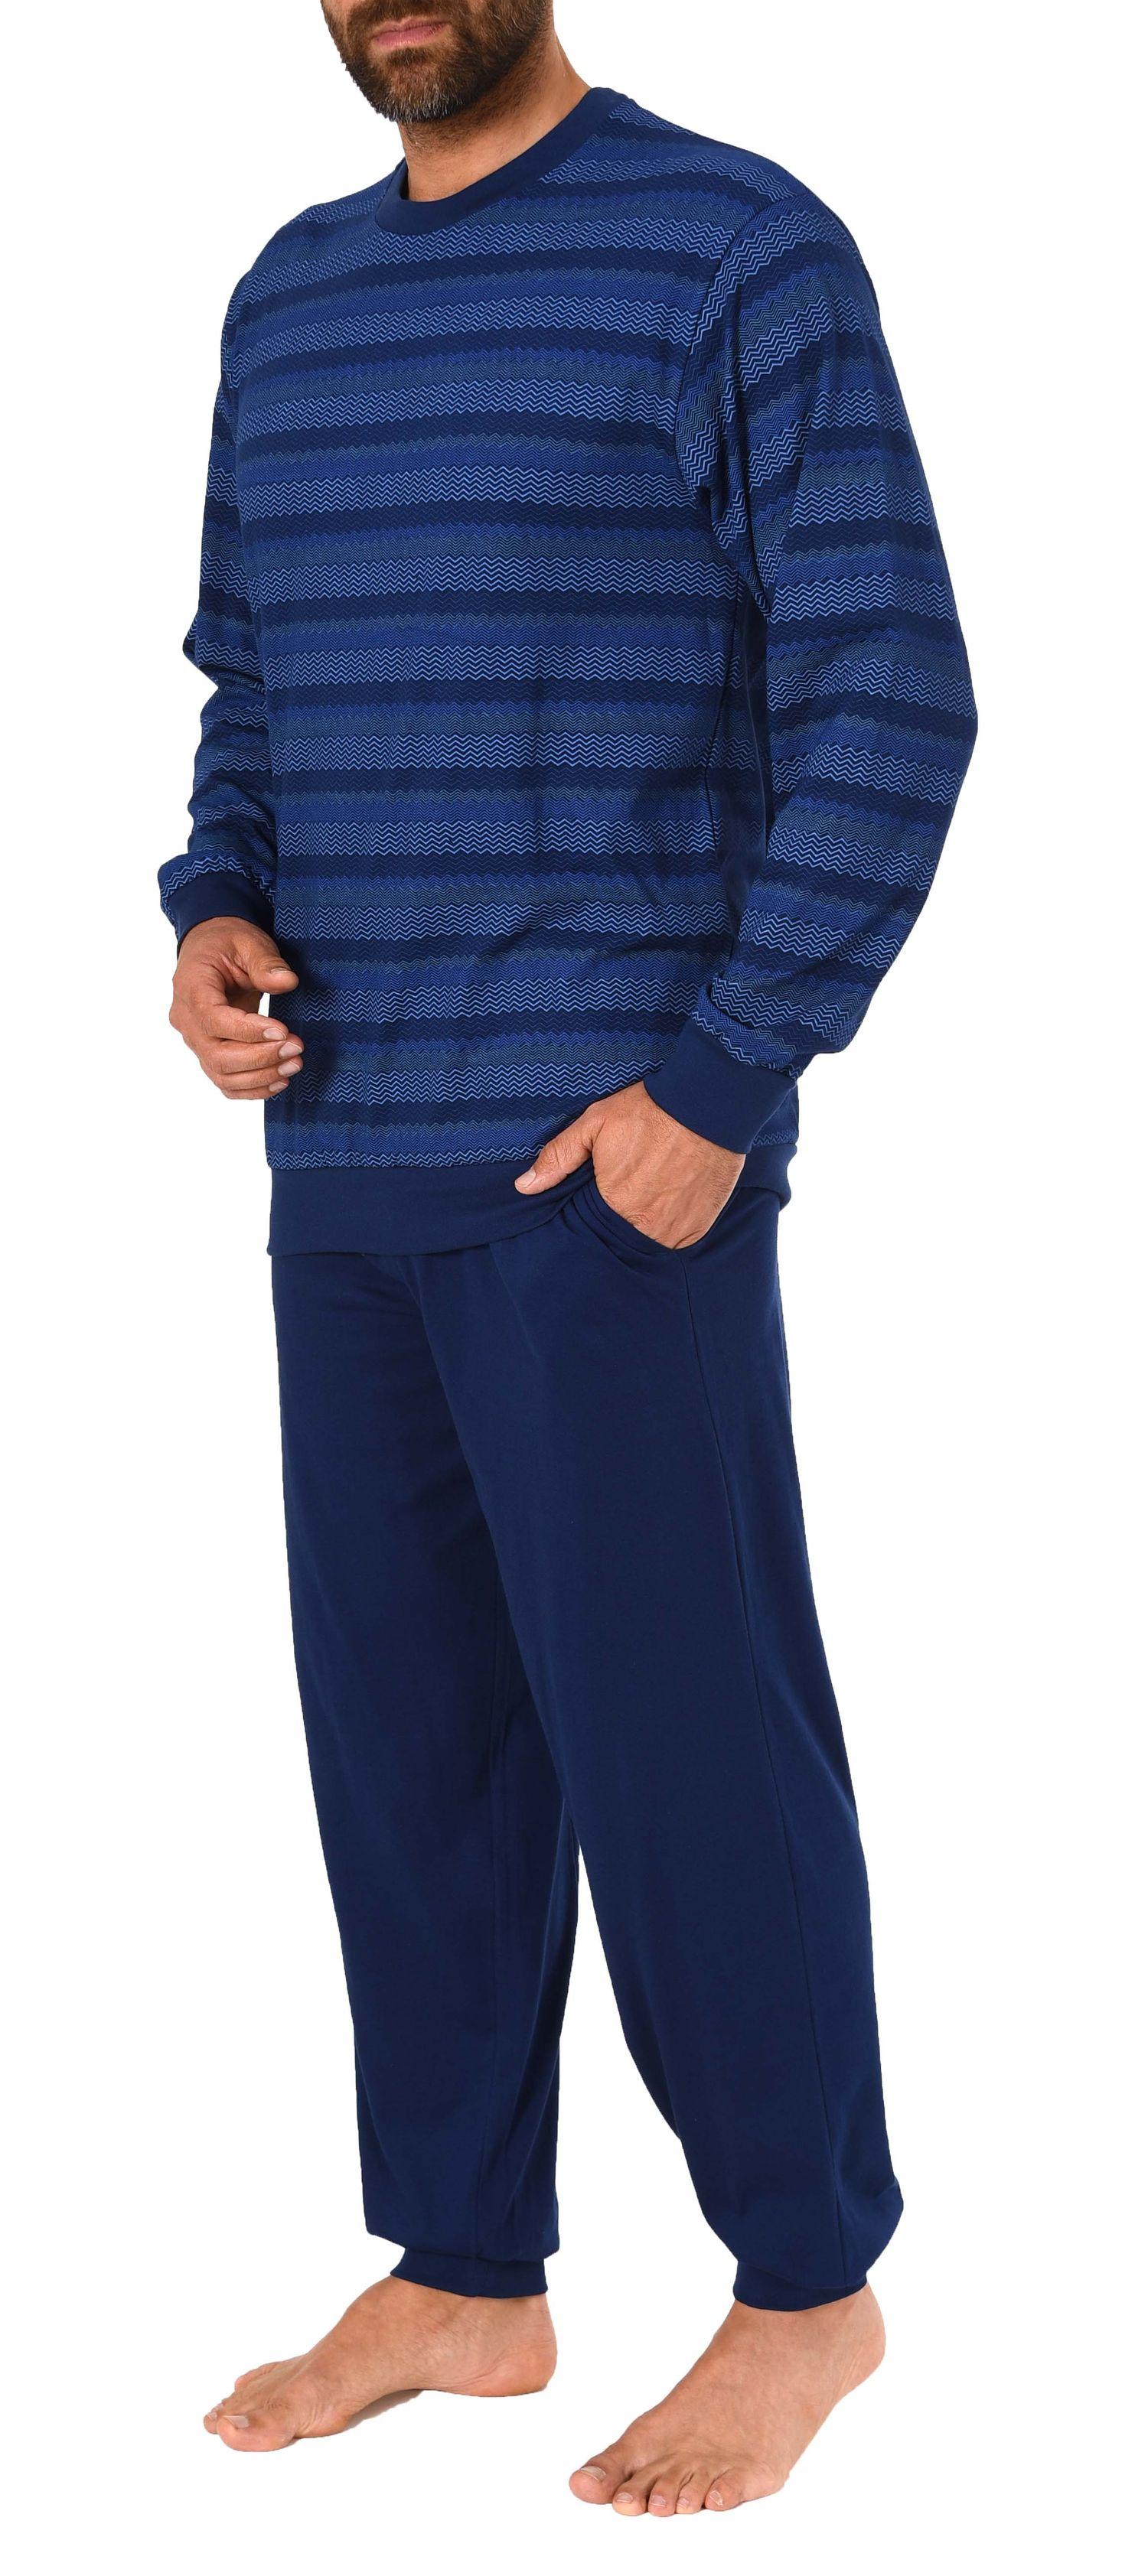 Edler Herren Pyjama Schlafanzug lang mit Bündchen – auch in Übergrössen – 281 101 90 455 – Bild 4